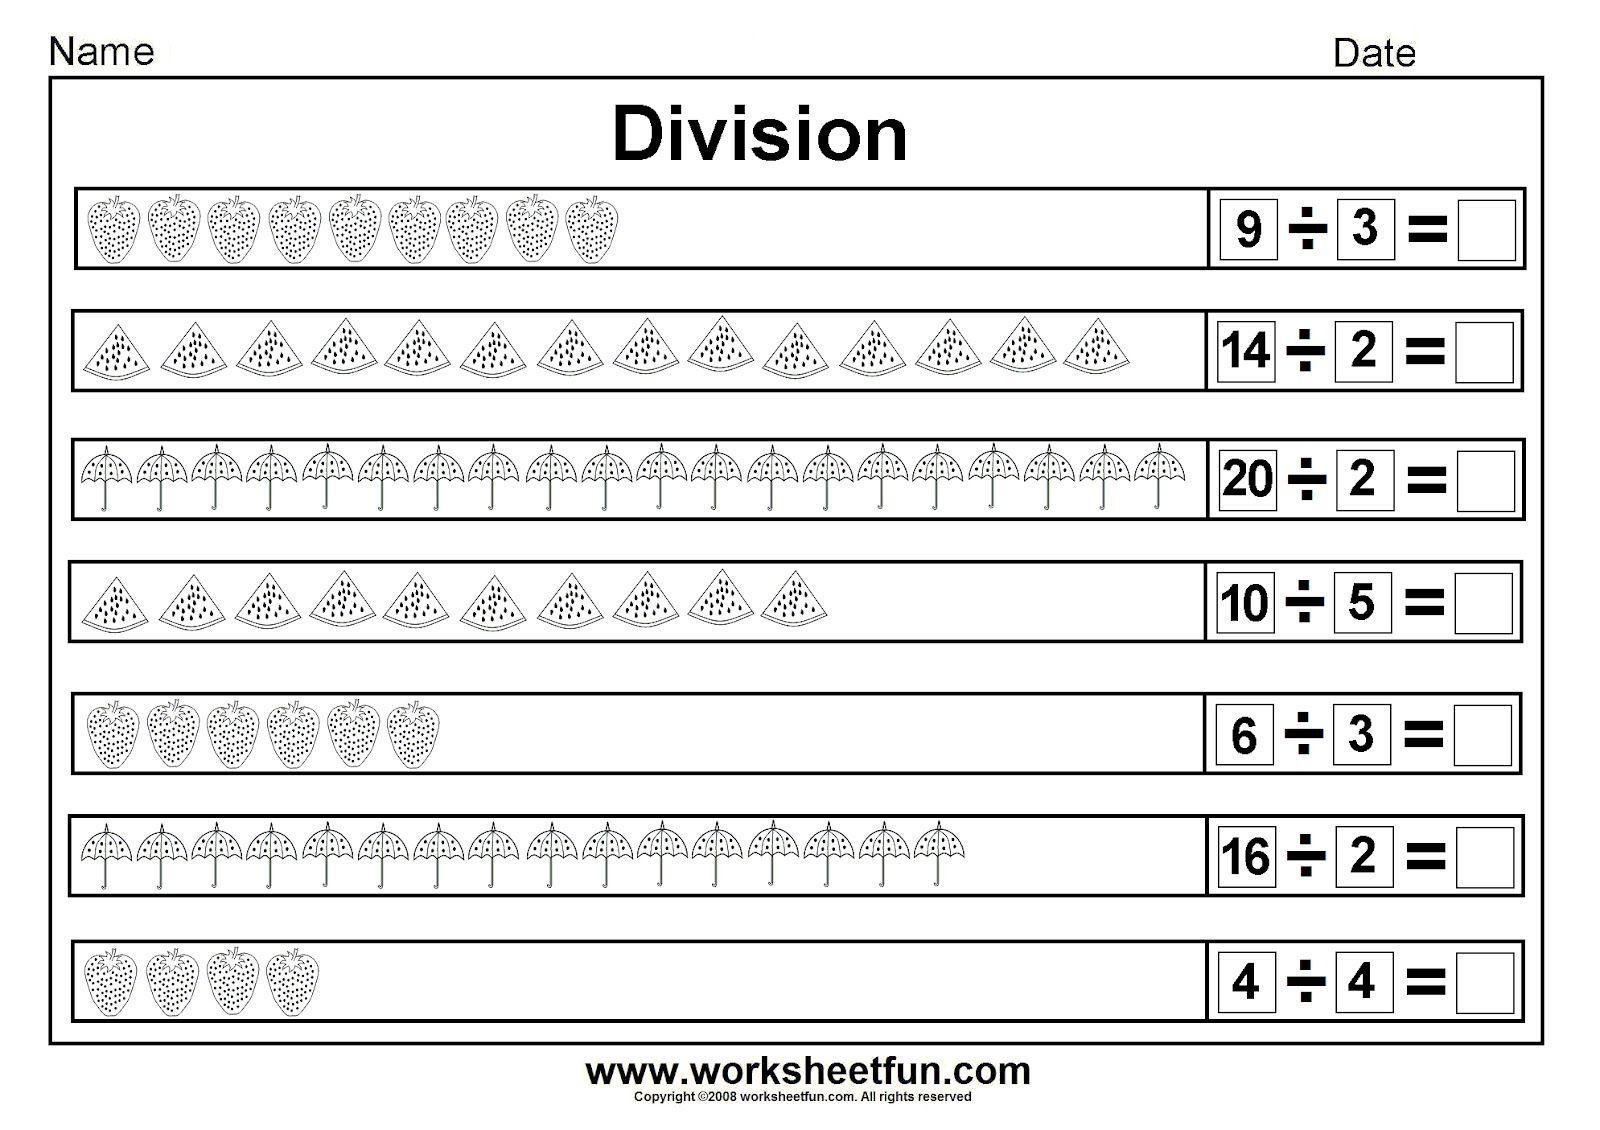 division worksheets | Beginner Division Worksheets ...